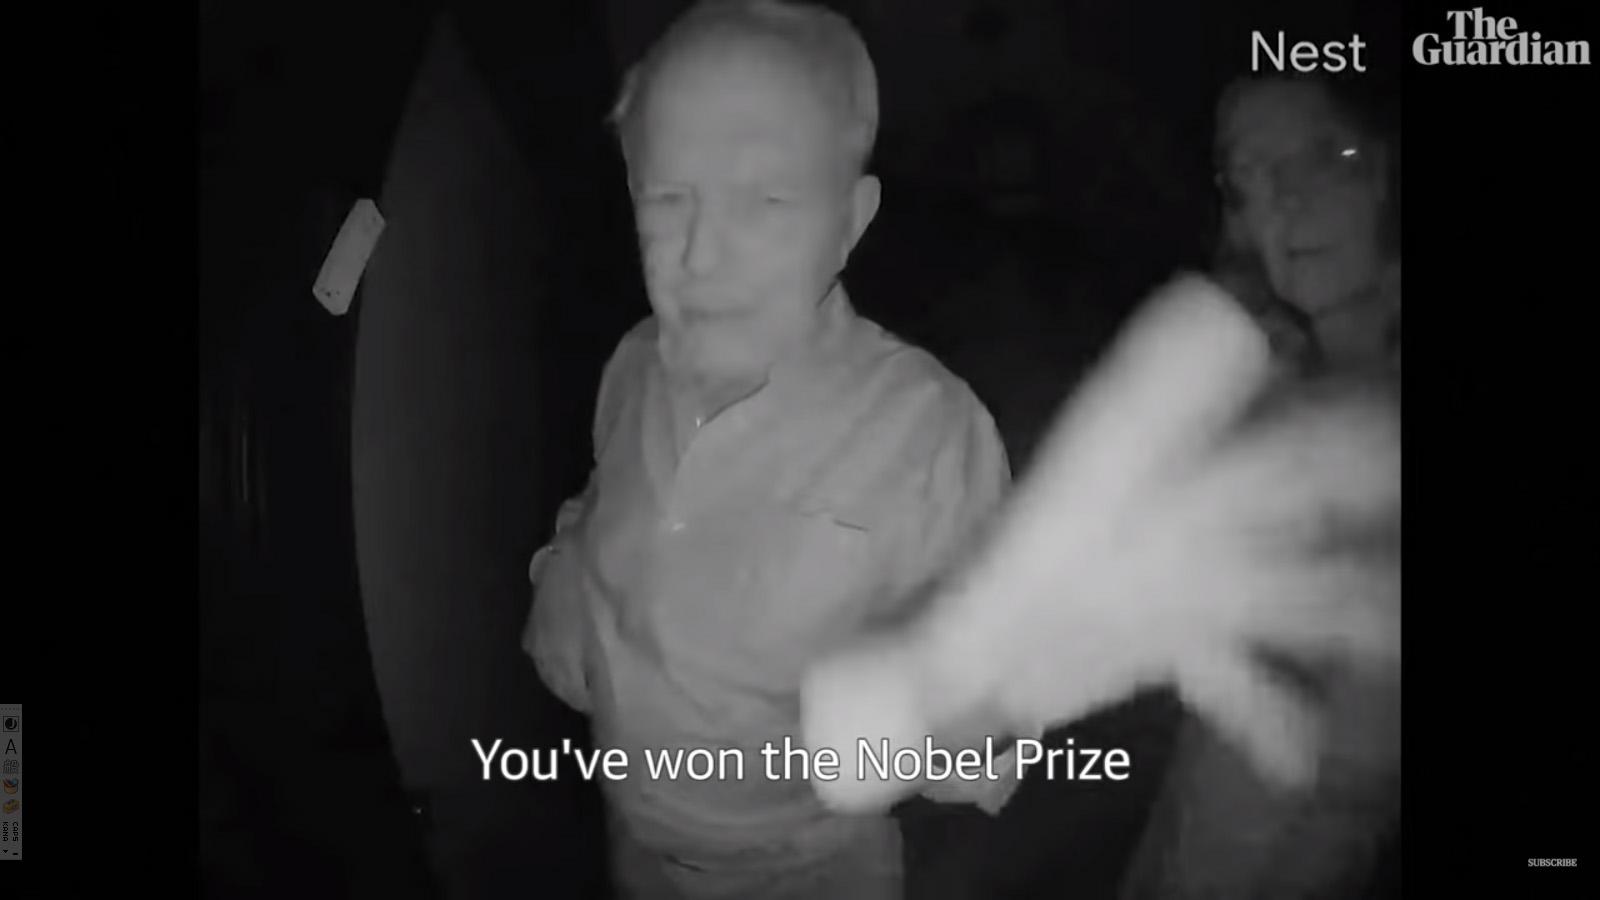 今月のYouTube「FCC周波数オークションの開発者がノーベル経済学賞受賞」